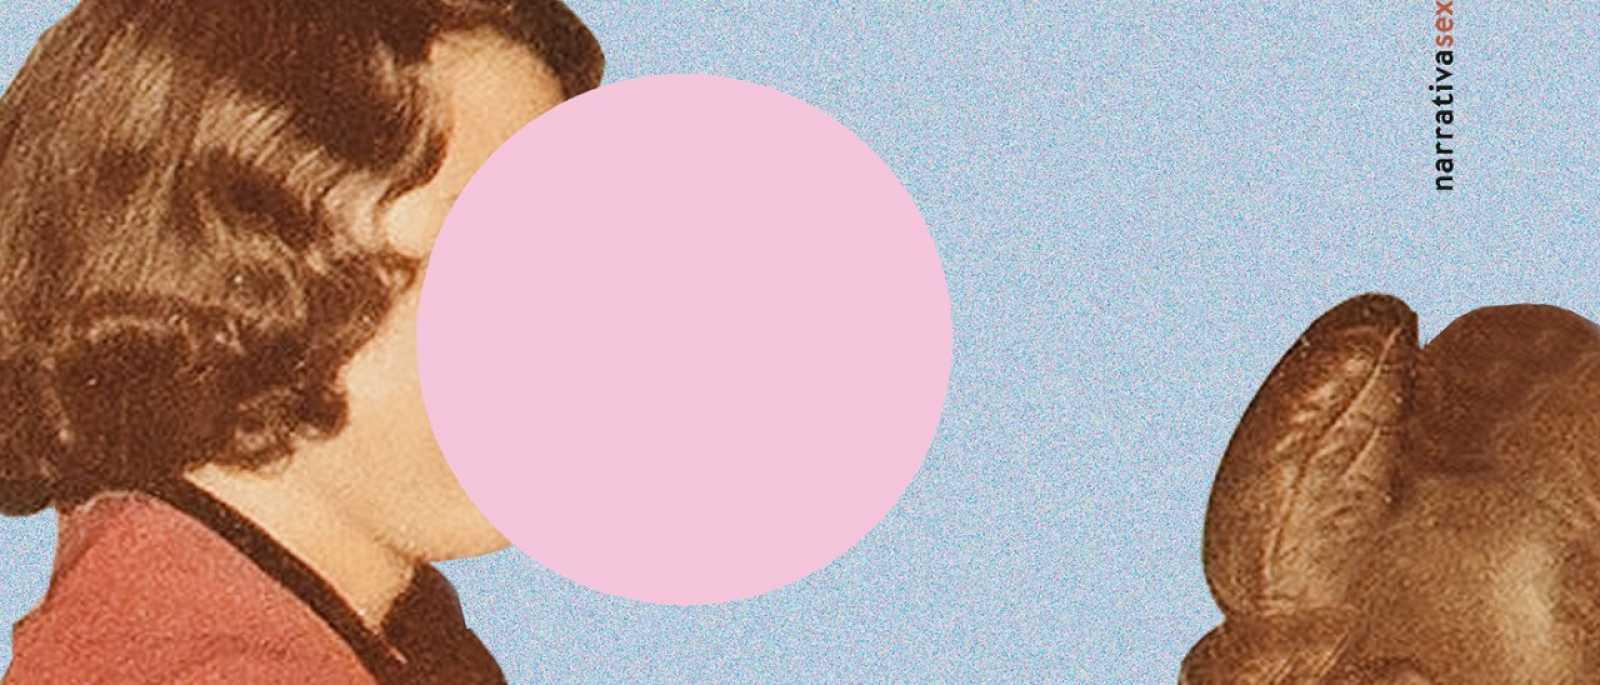 Efecto Doppler - Los 'Nombres propios' de Marta Jiménez Serrano - 19/04/21 - escuchar ahora